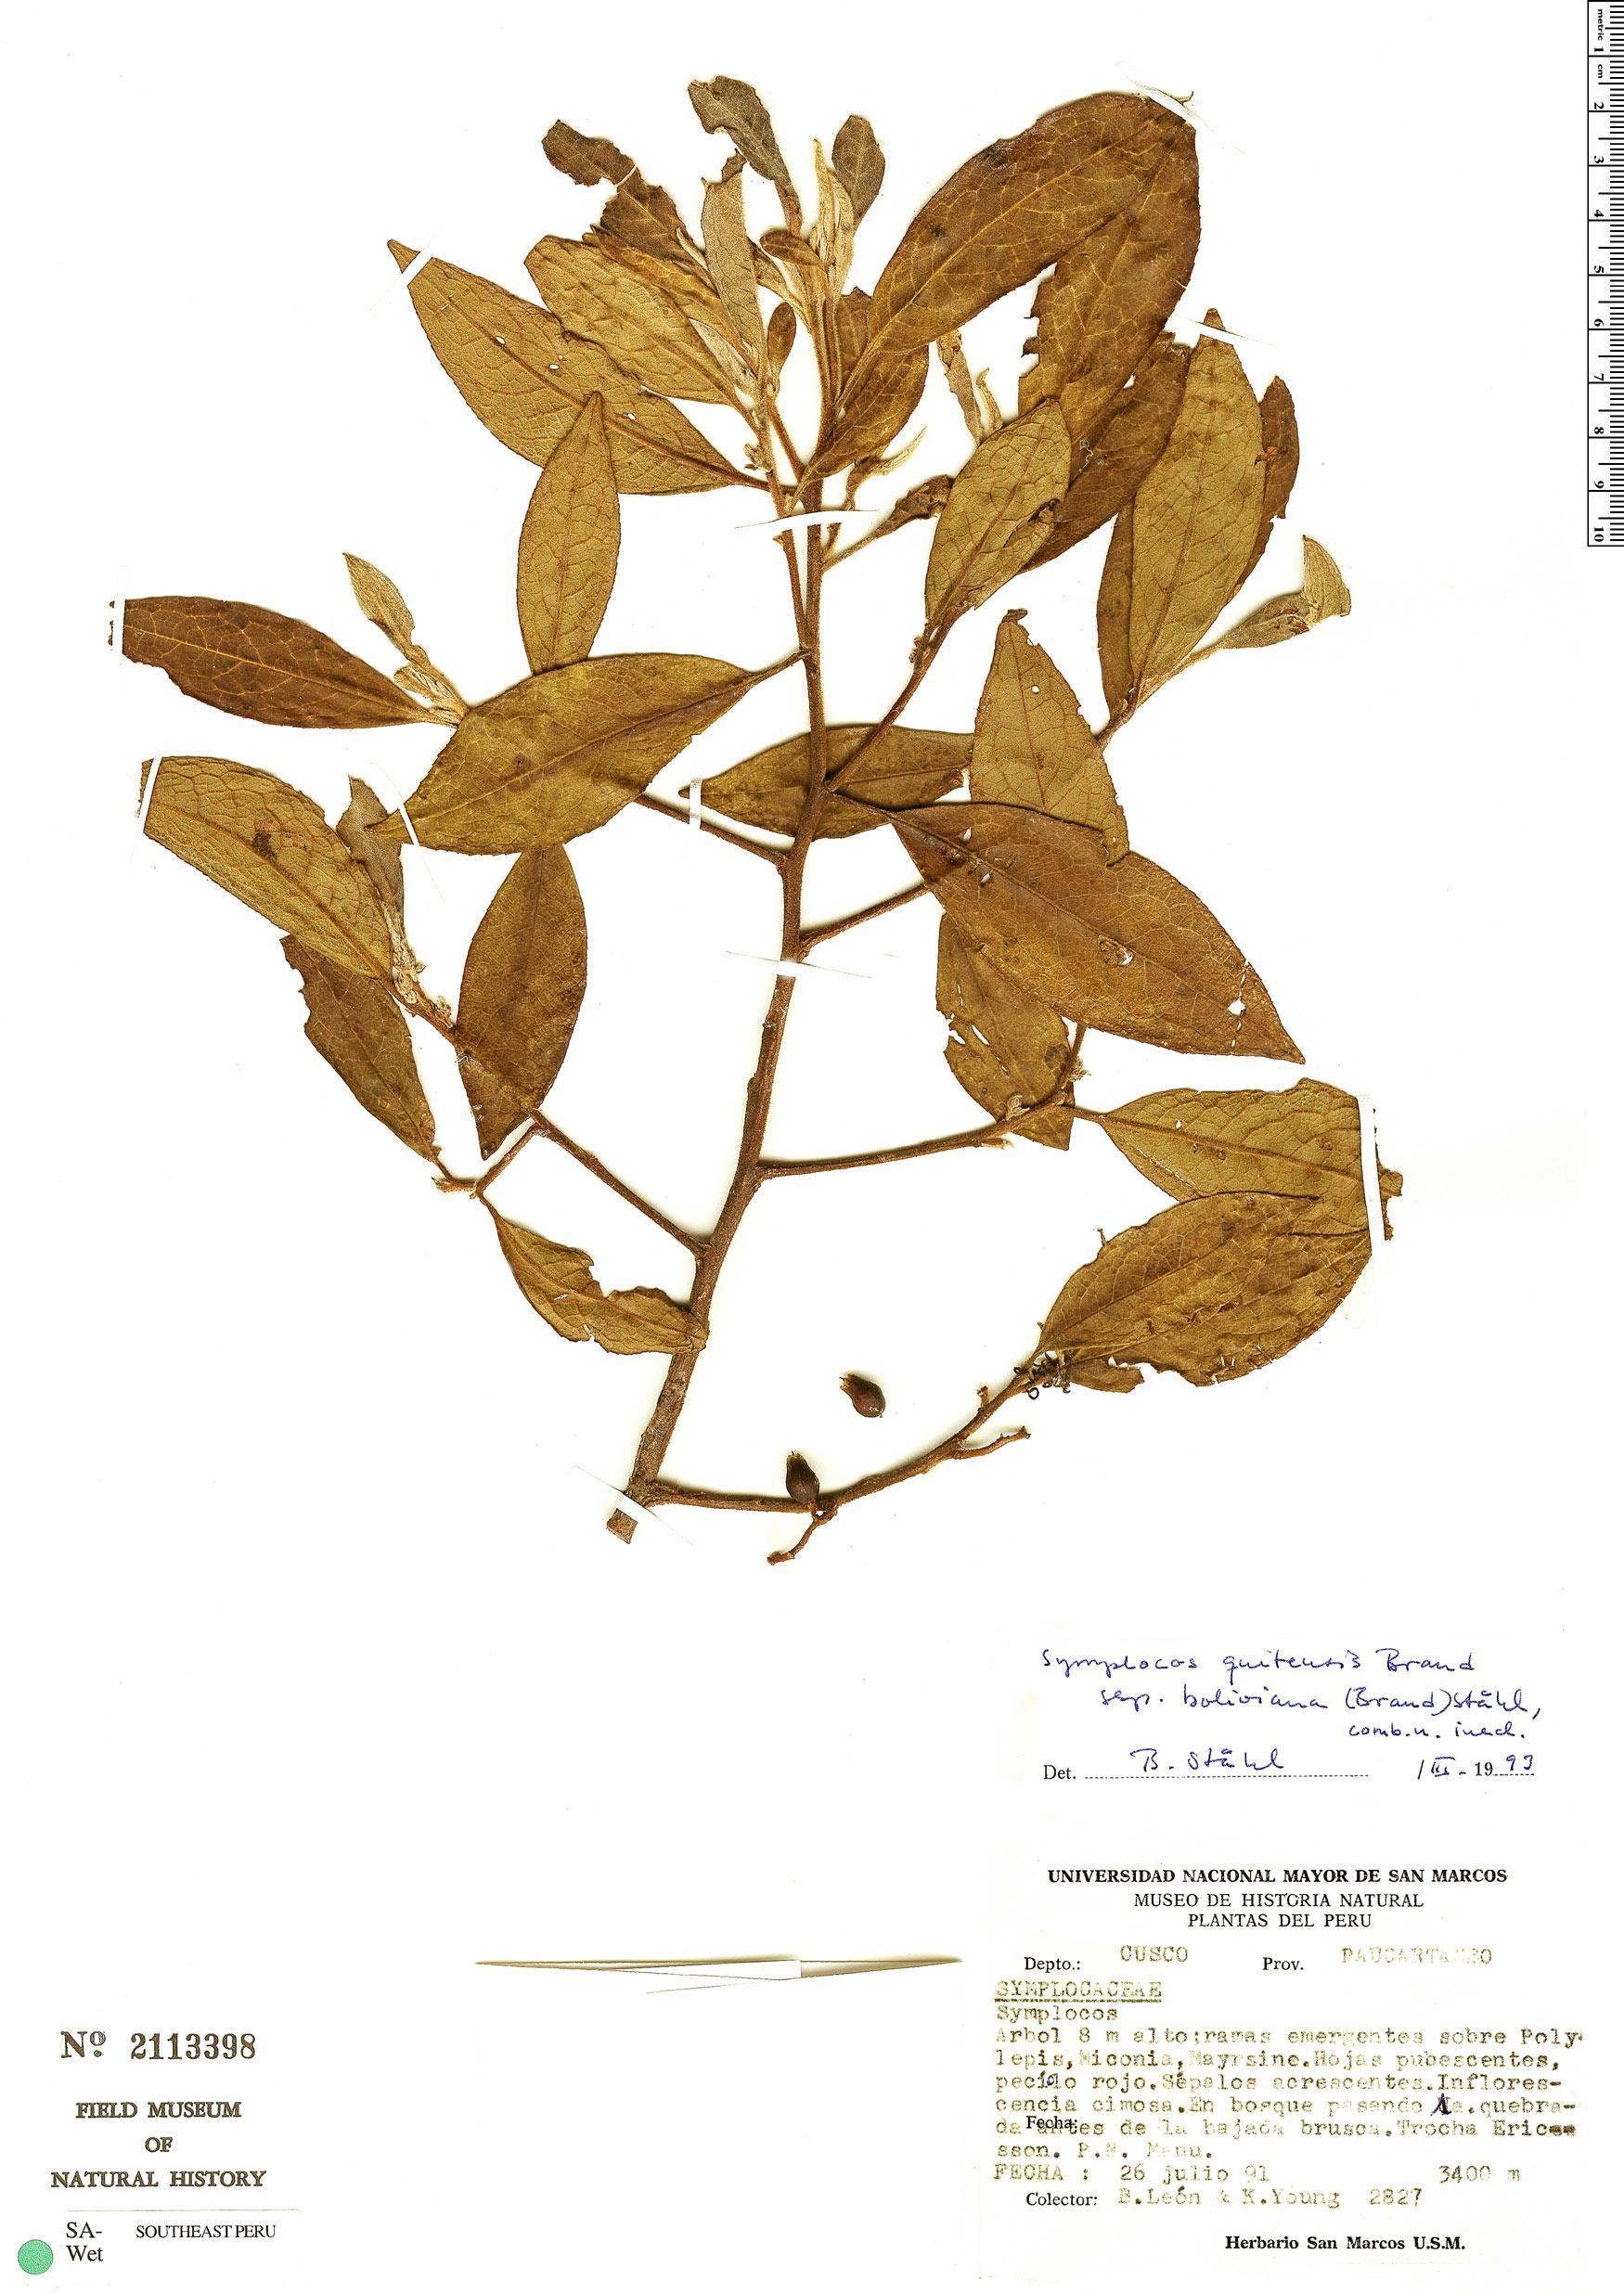 Specimen: Symplocos quitensis